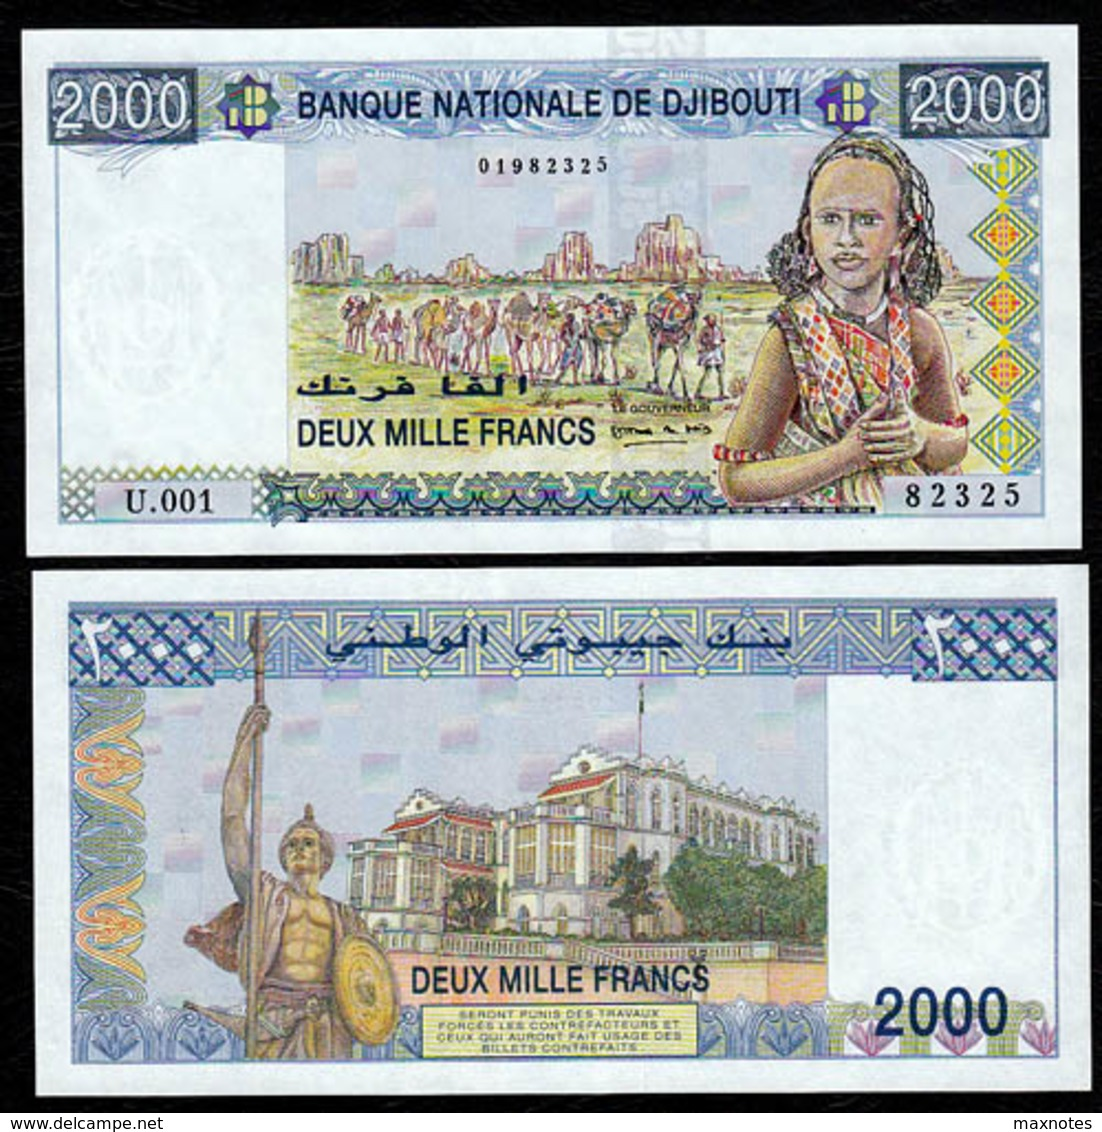 DJIBOUTI :2000 Franchi - 1997 - UNC - Banconote